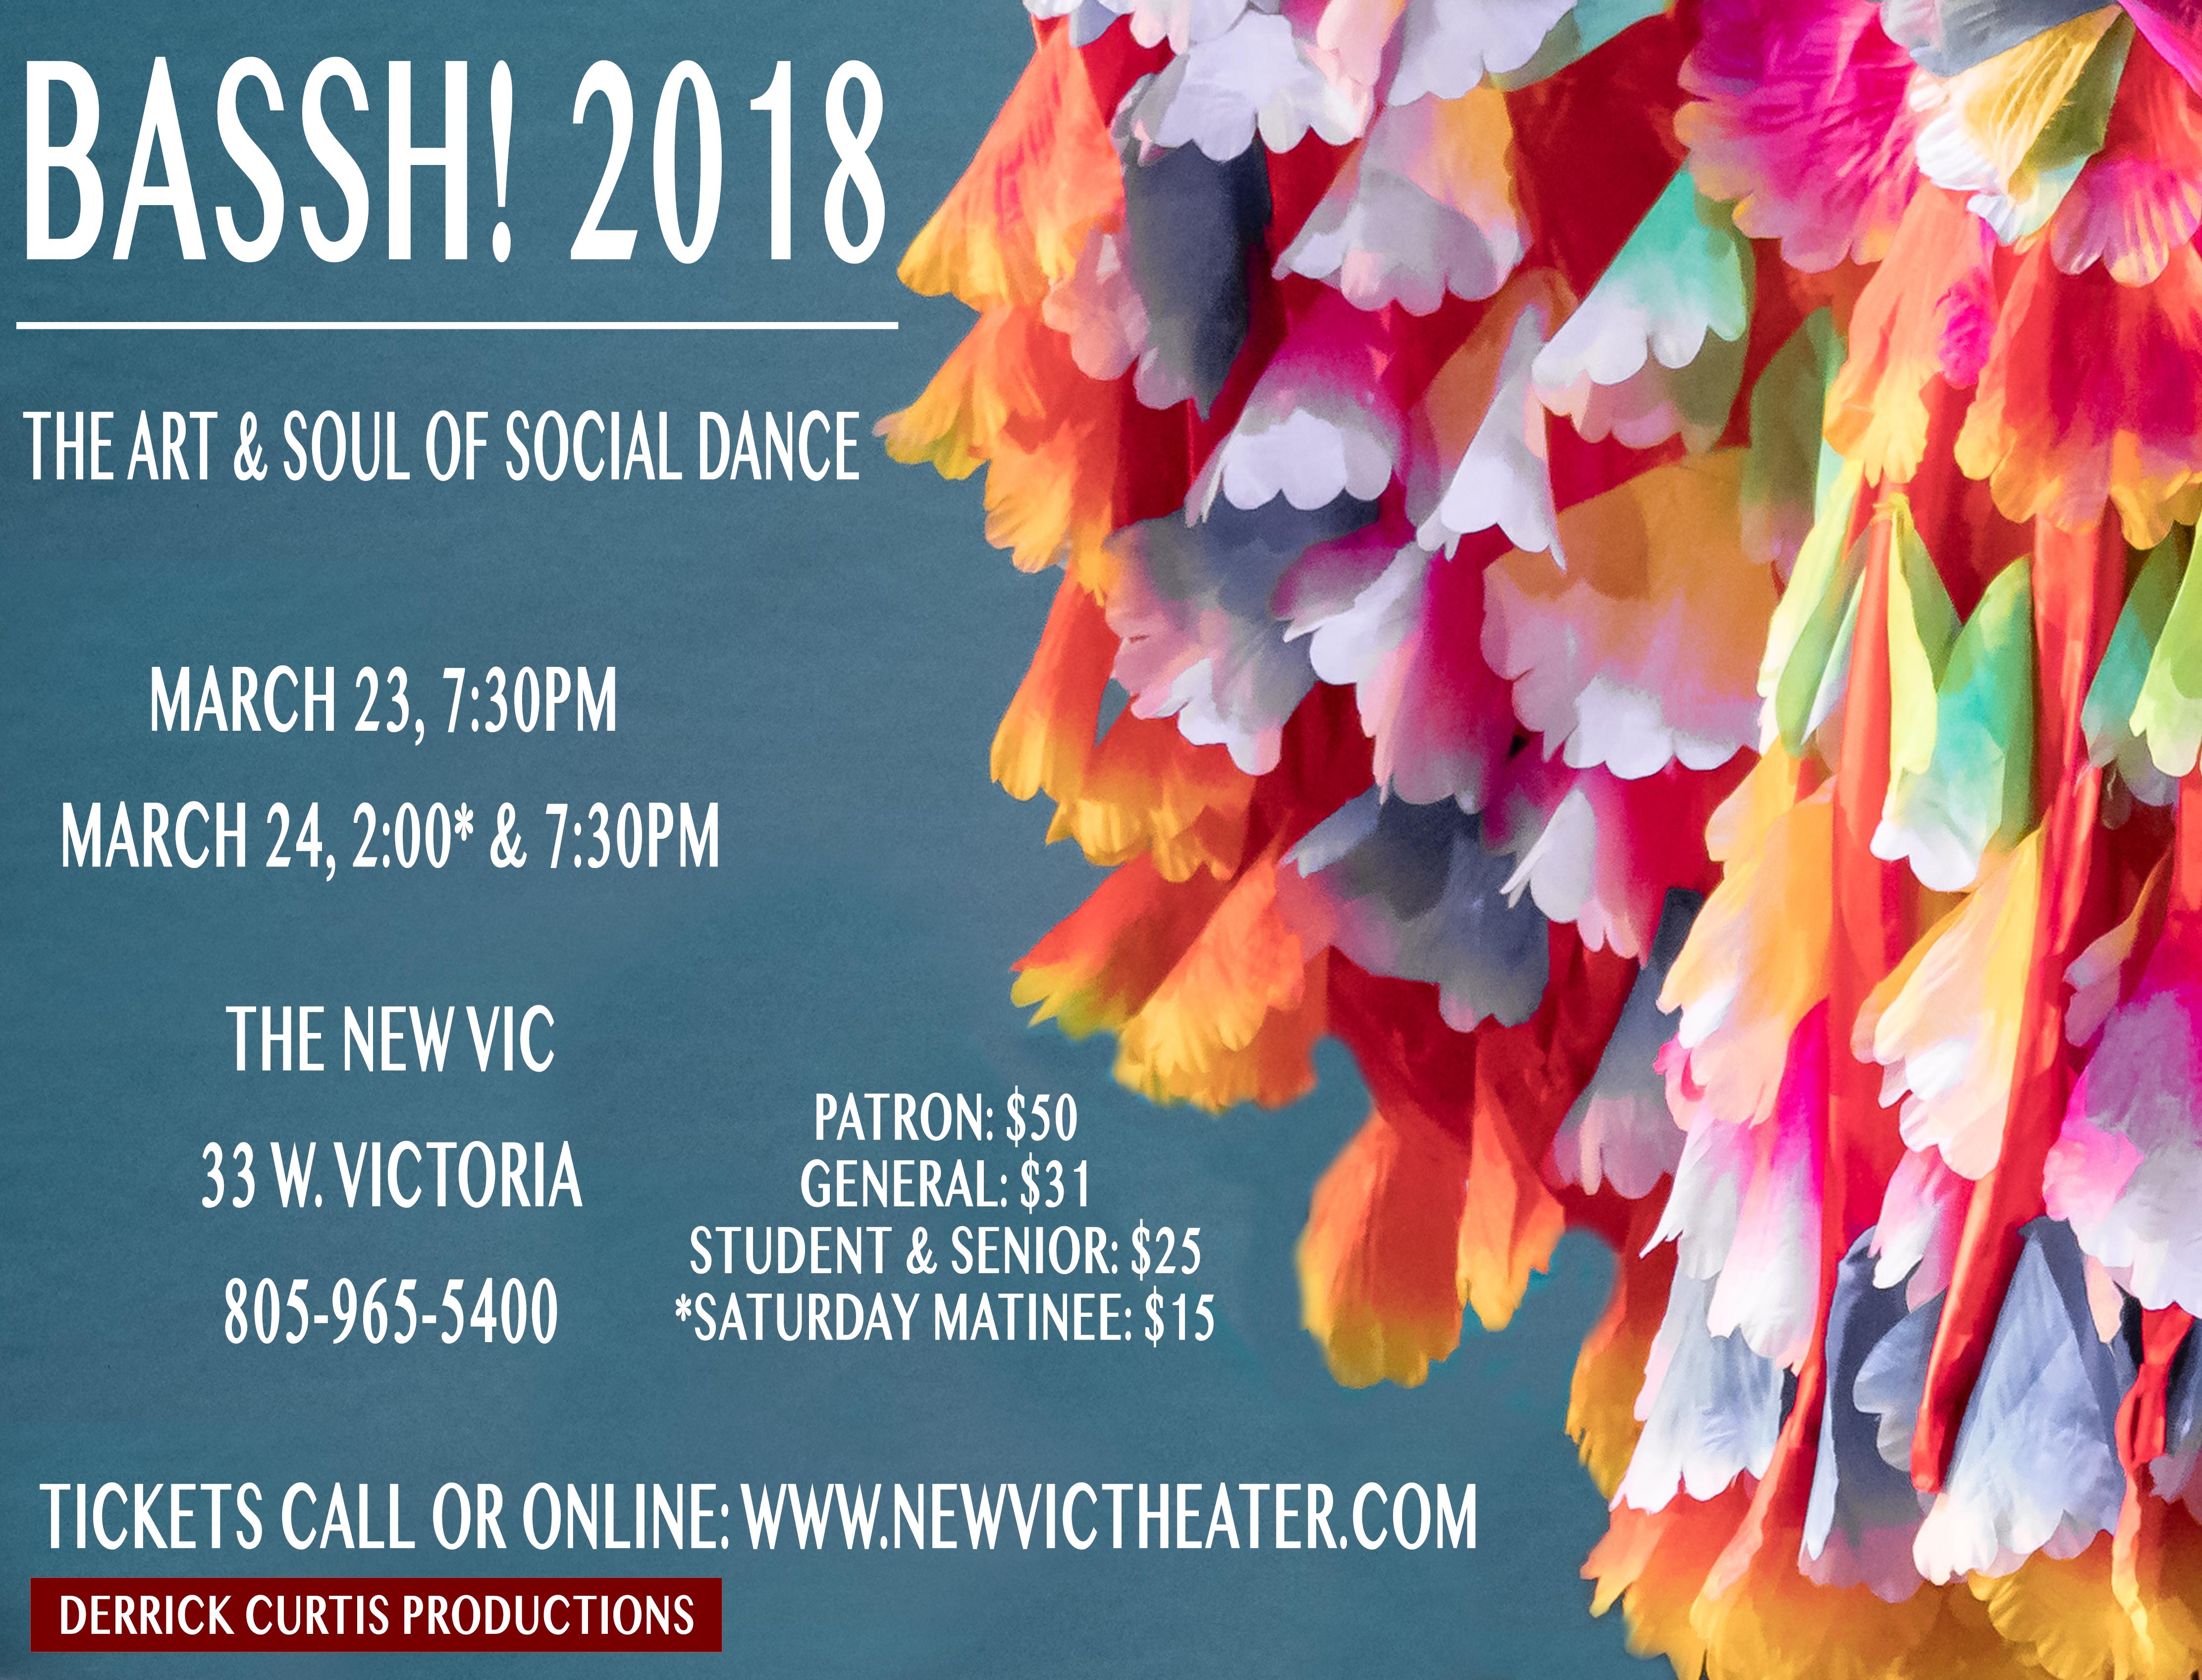 BASSH 2018